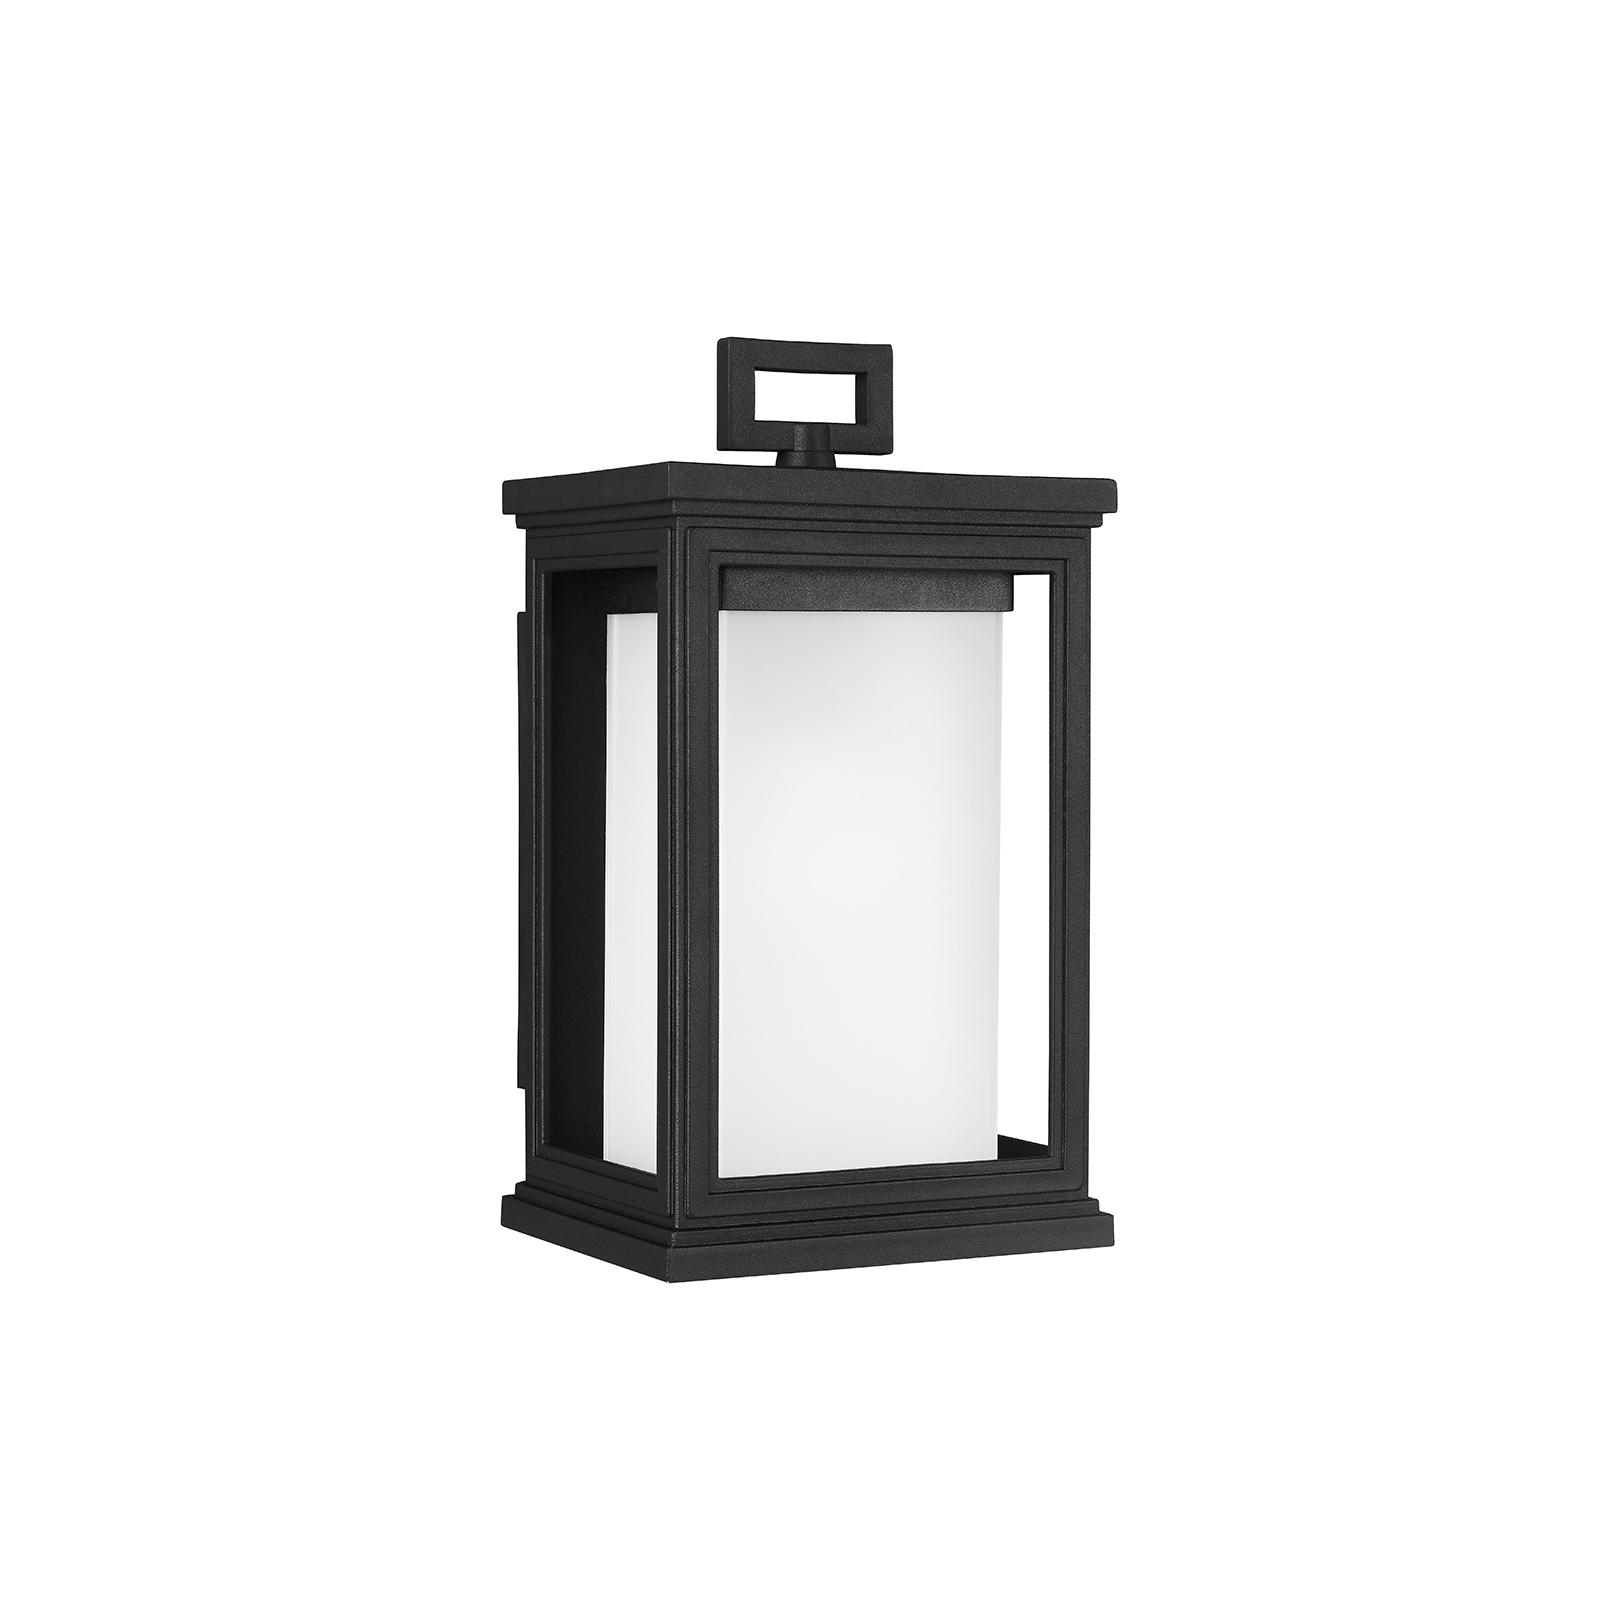 Roscoe small outdoor wall lantern